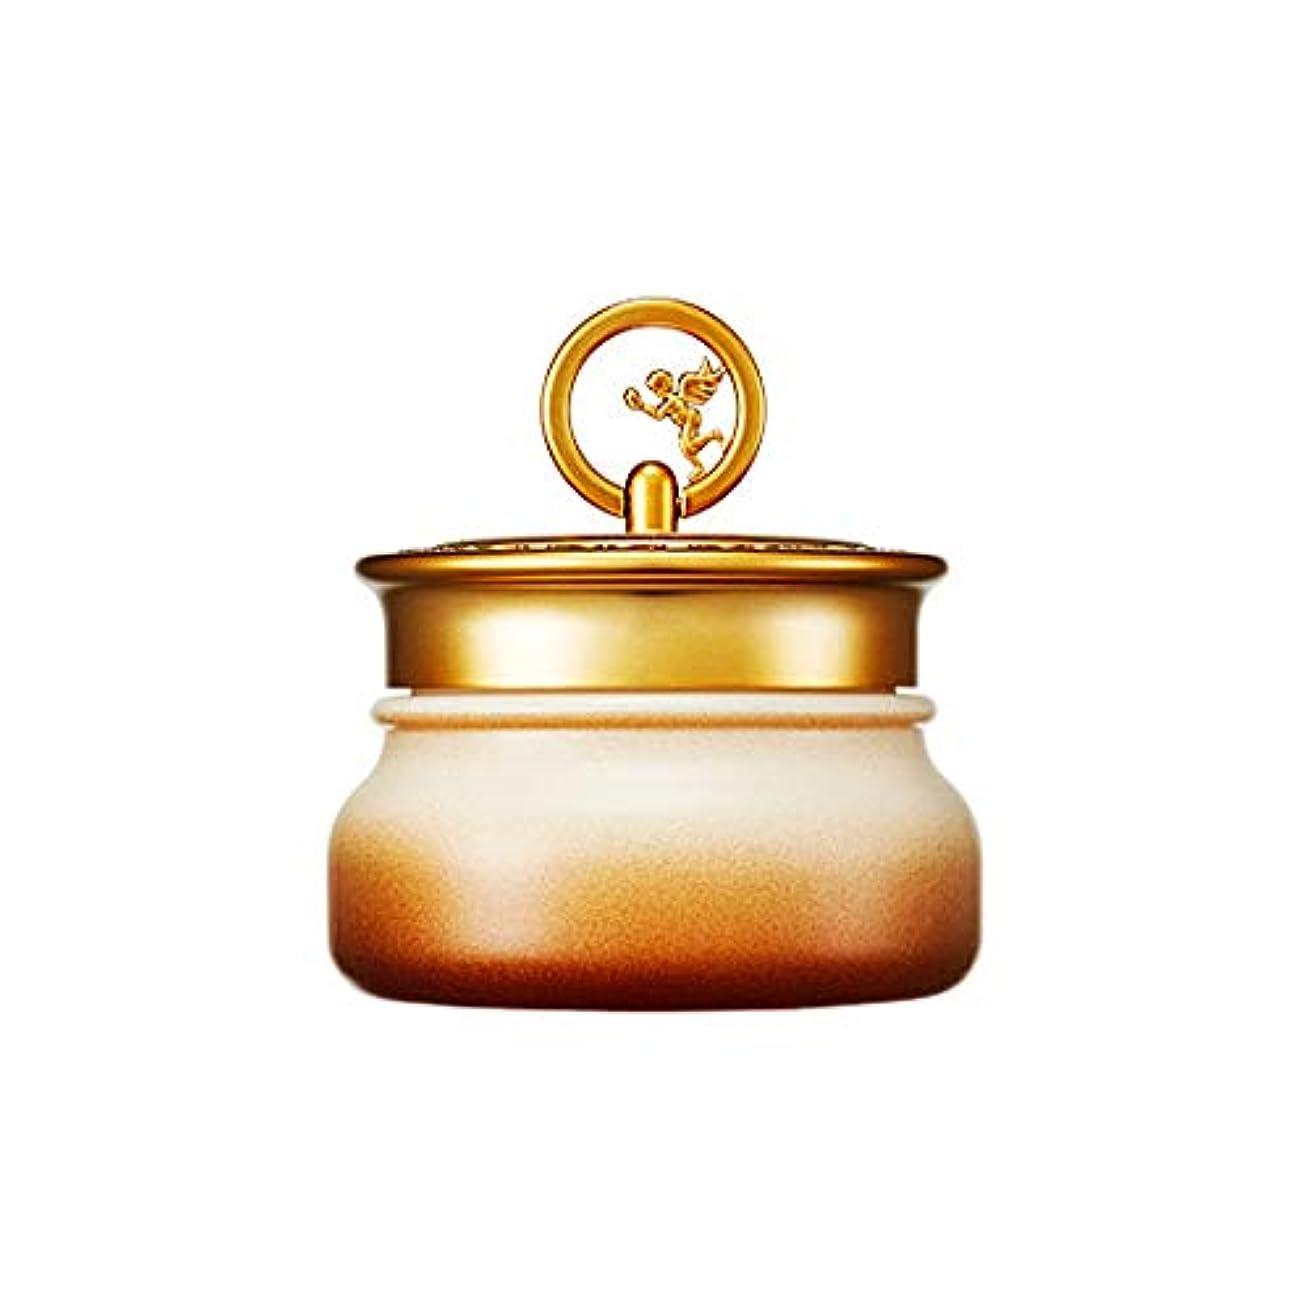 暴力的なアナログトロイの木馬Skinfood ゴールドキャビアクリーム(しわケア) / Gold Caviar Cream (wrinkle care) 45g [並行輸入品]